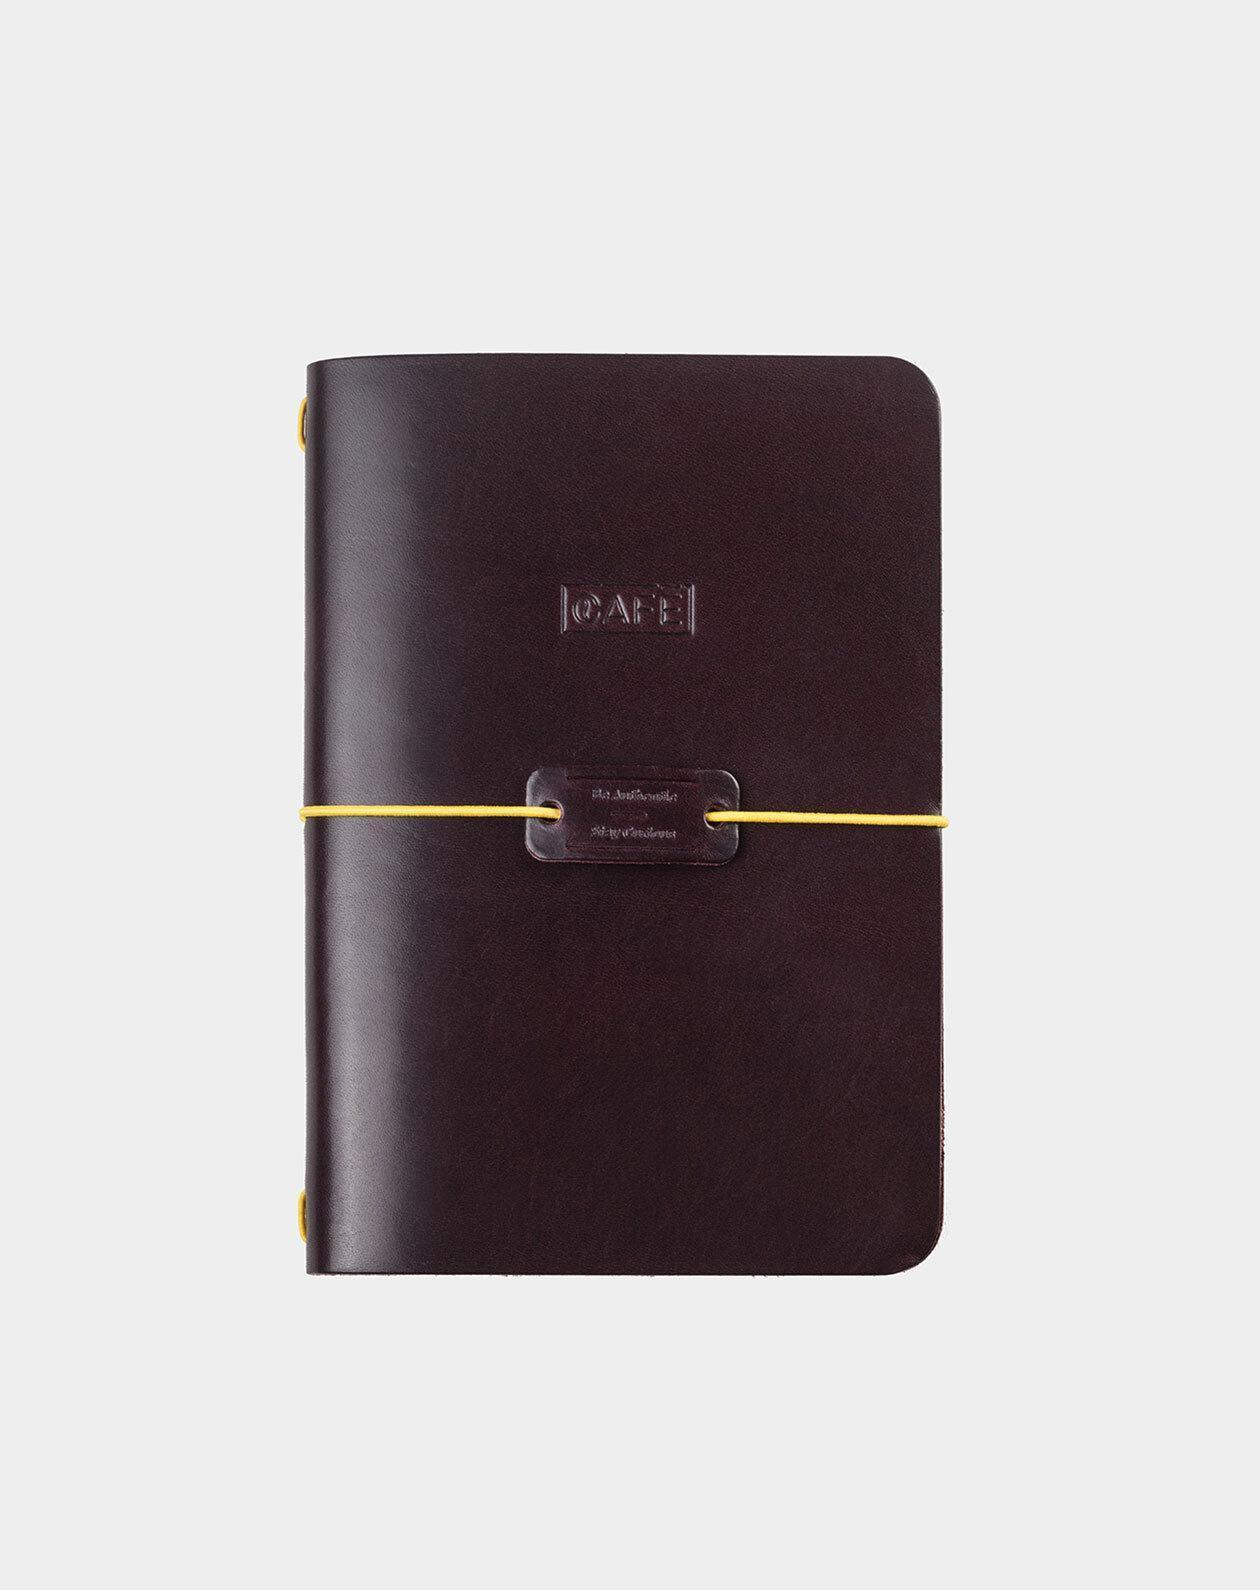 cuaderno de piel burgundy